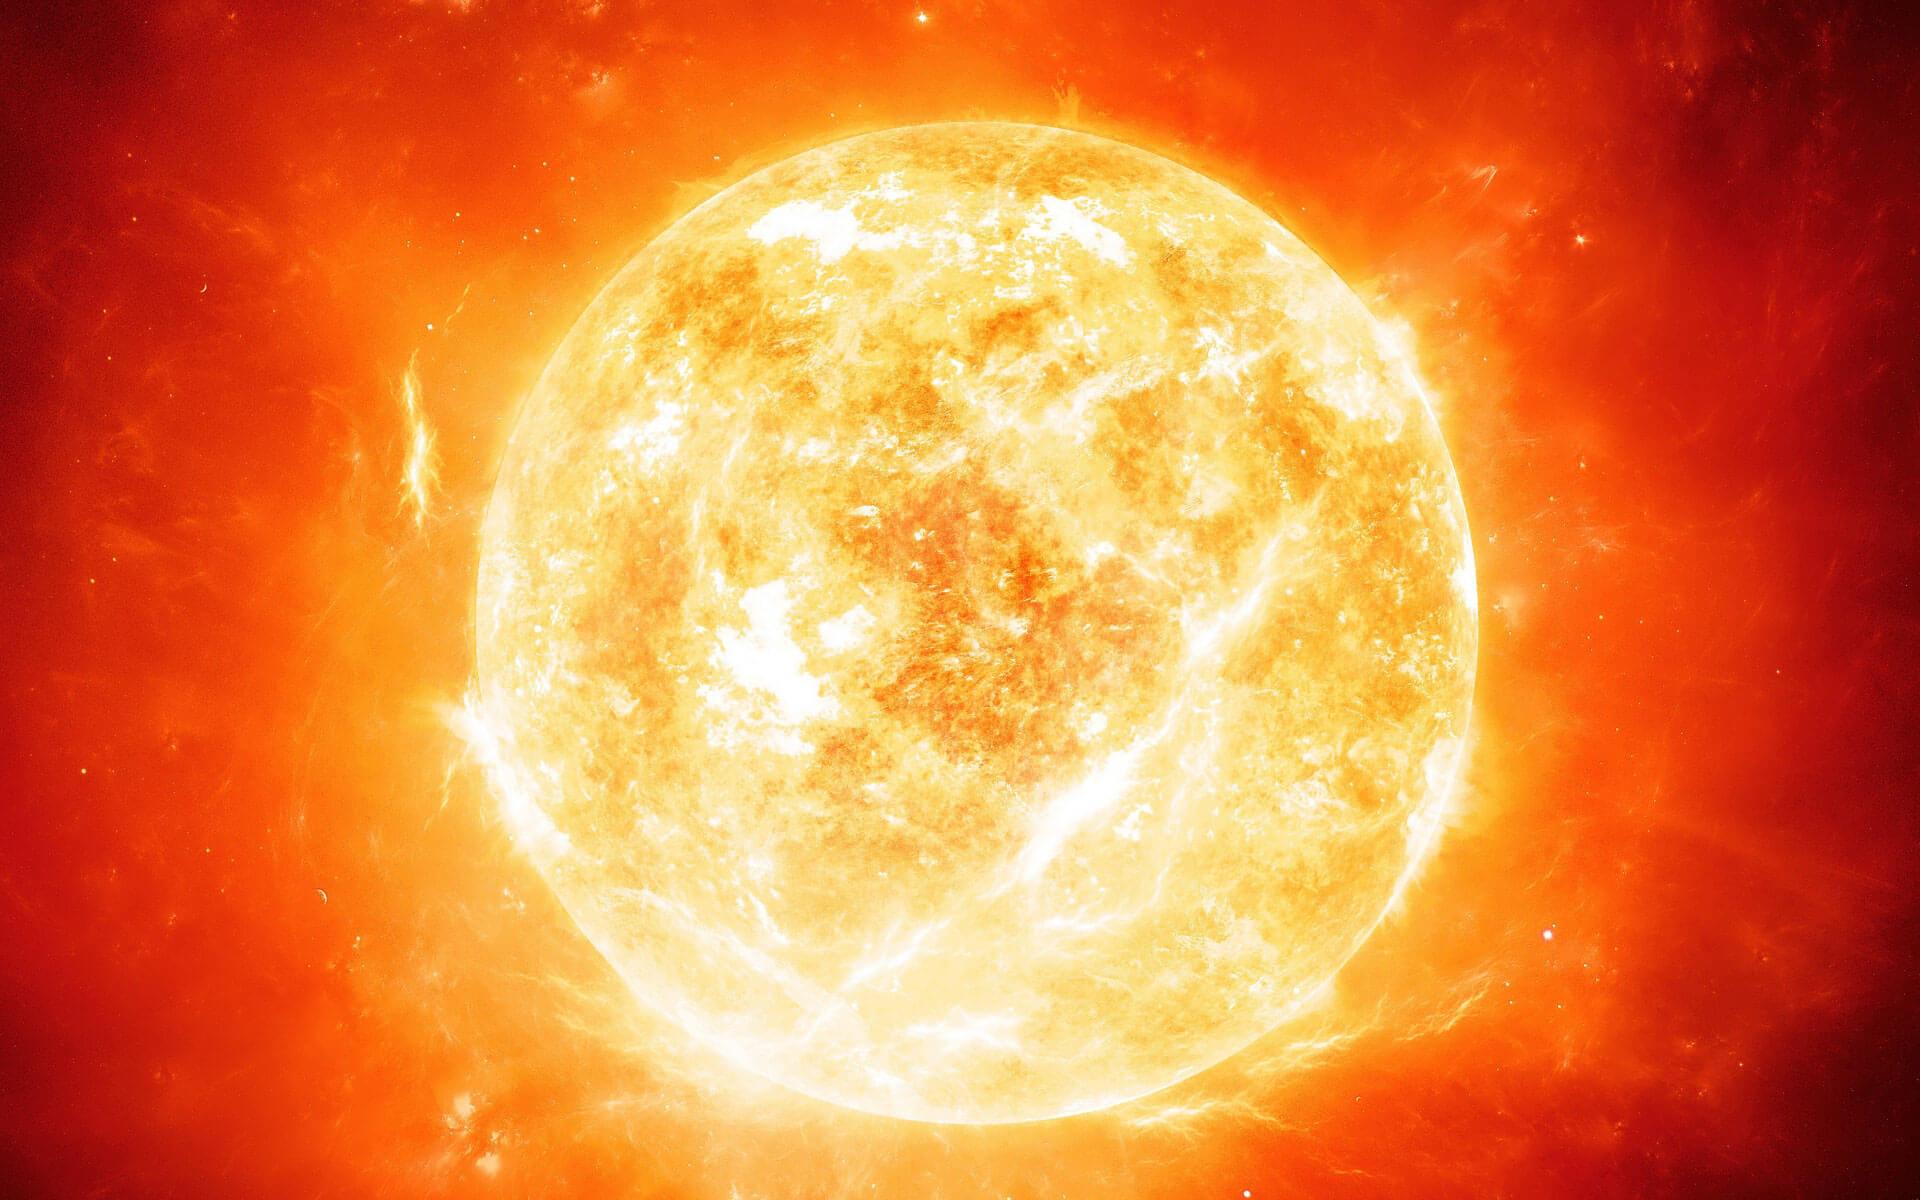 Napelenergia hasznosítása, alternatív energia források, napelem rendszer